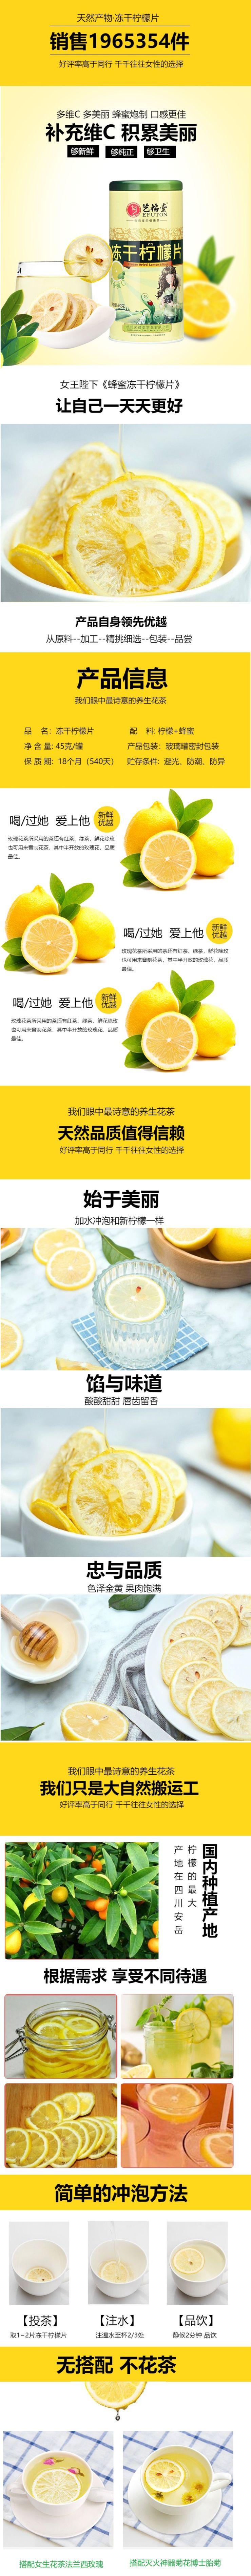 清新天然柠檬片花茶电商详情页